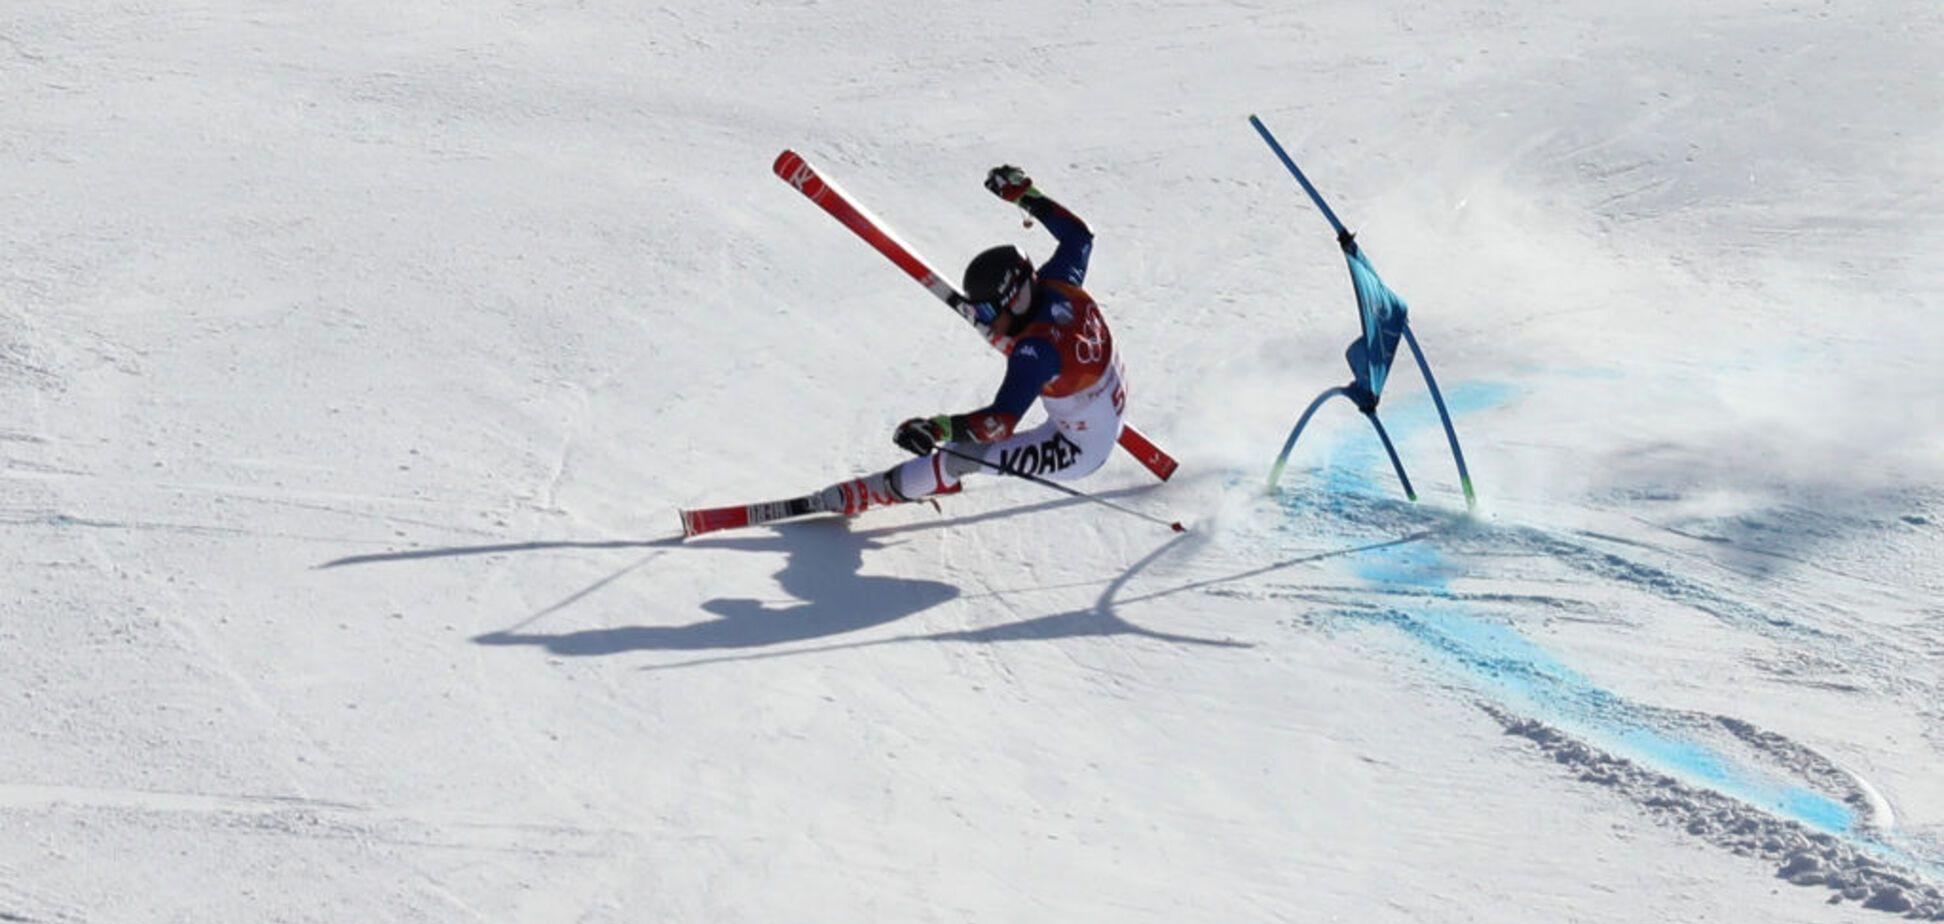 Олімпіада-2018: корейський гірськолижник на шаленій швидкості вилетів із траси, збивши знімальну групу